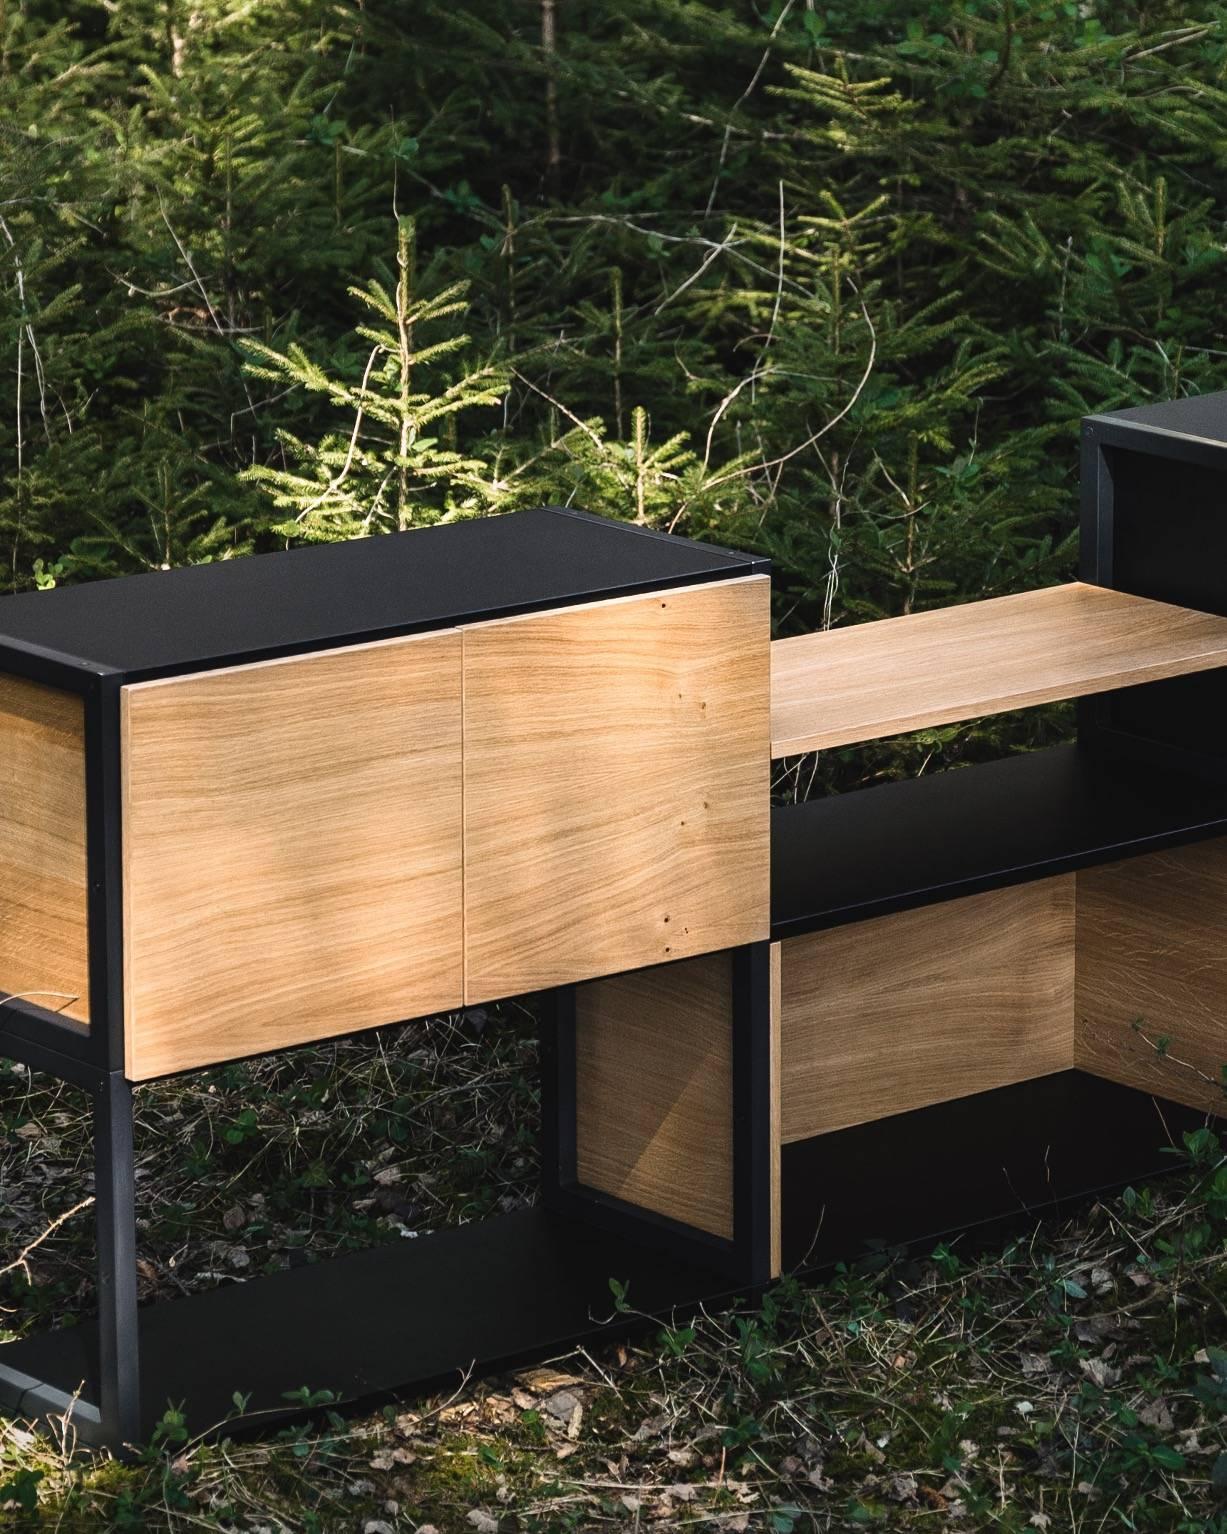 Pazls Lowboard - Holz aus heimischen Wäldern